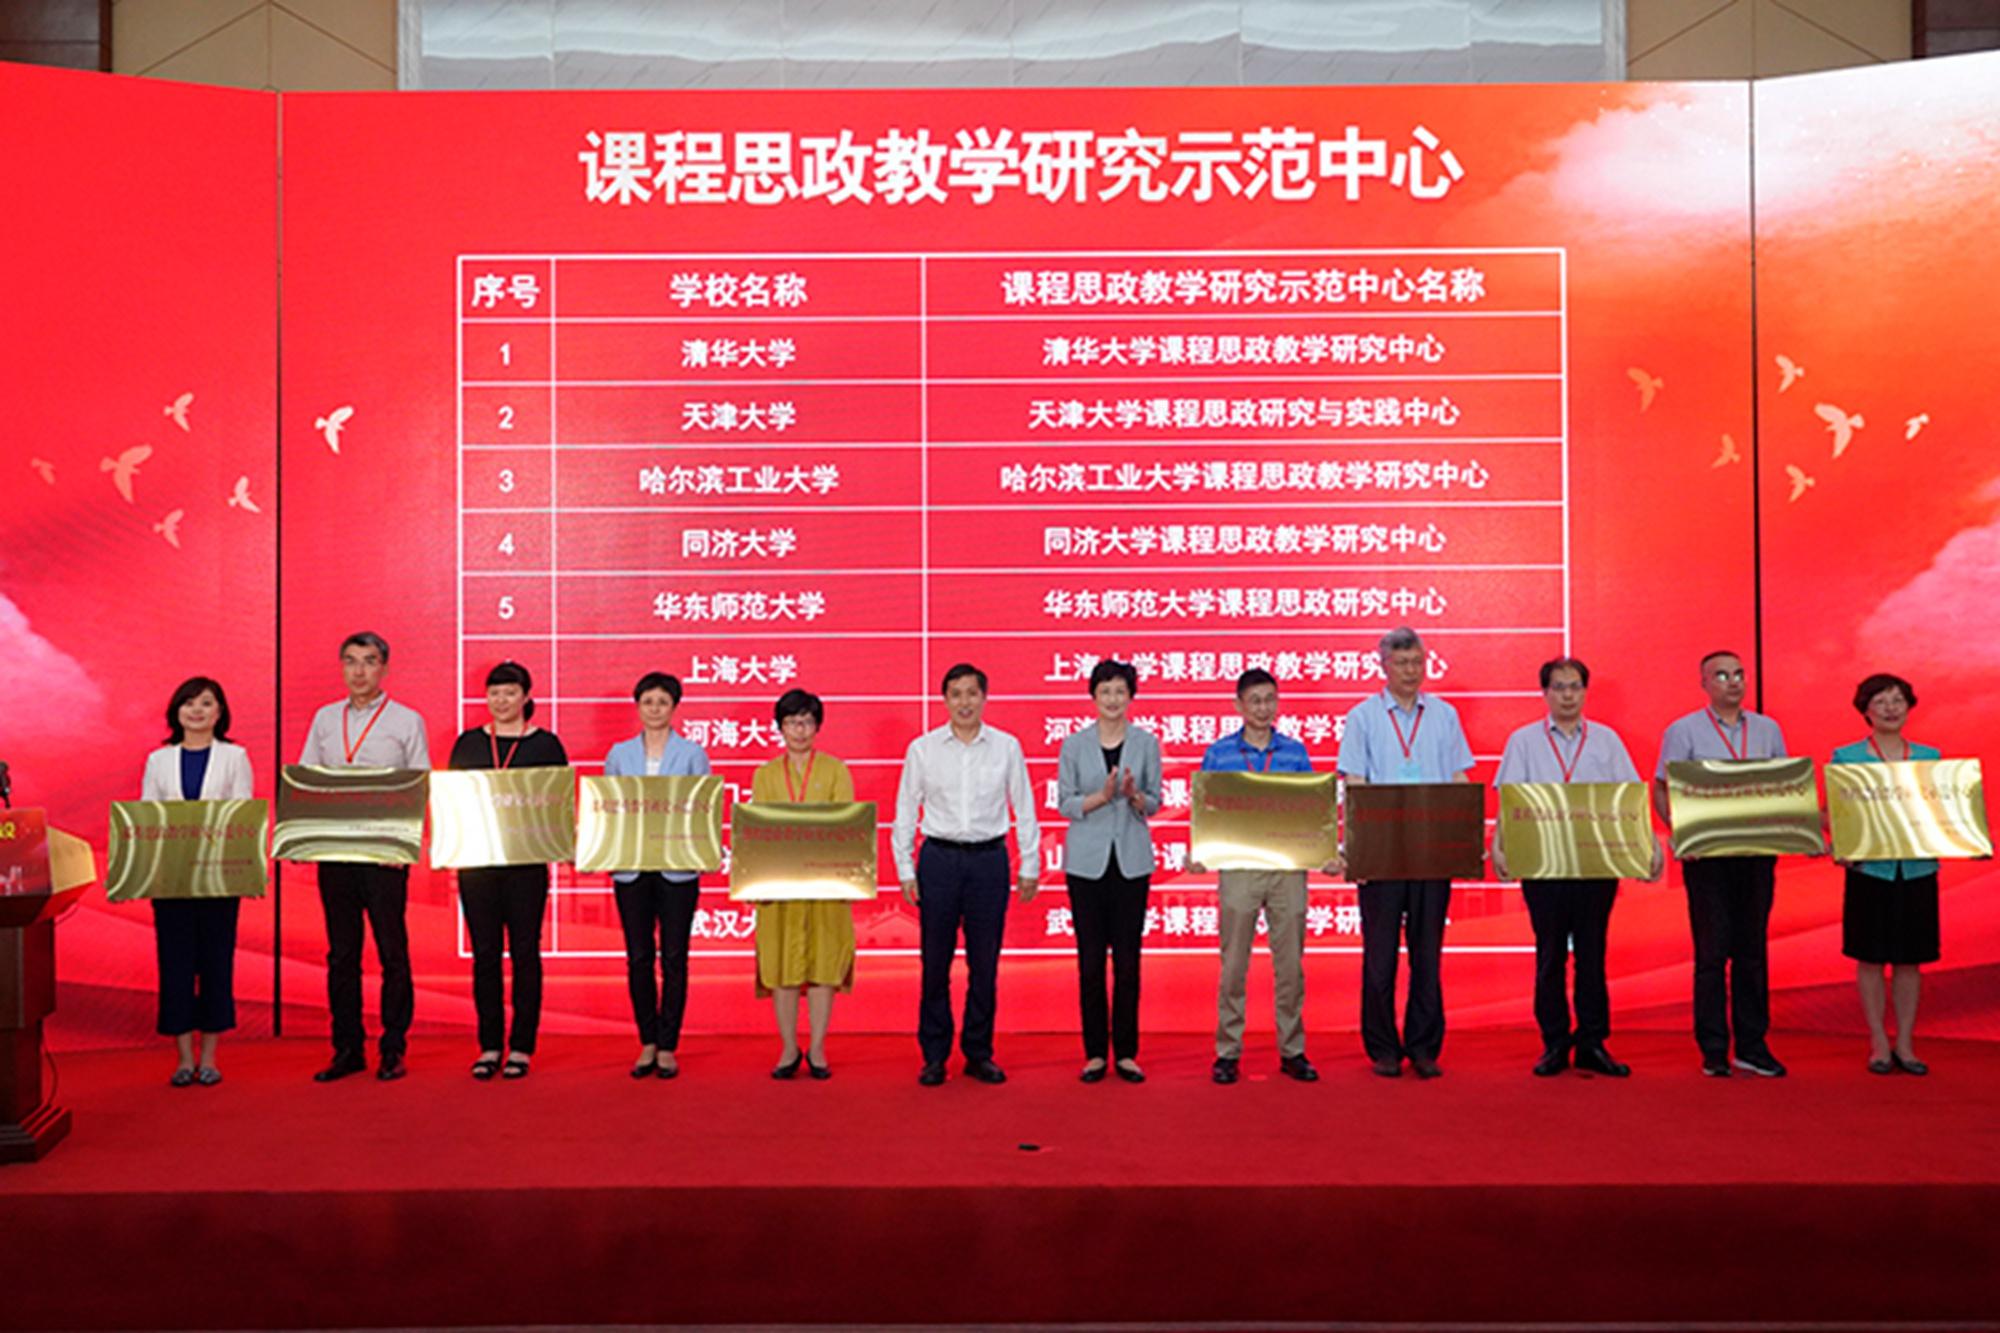 华东师大获批5个课程思政示范项目